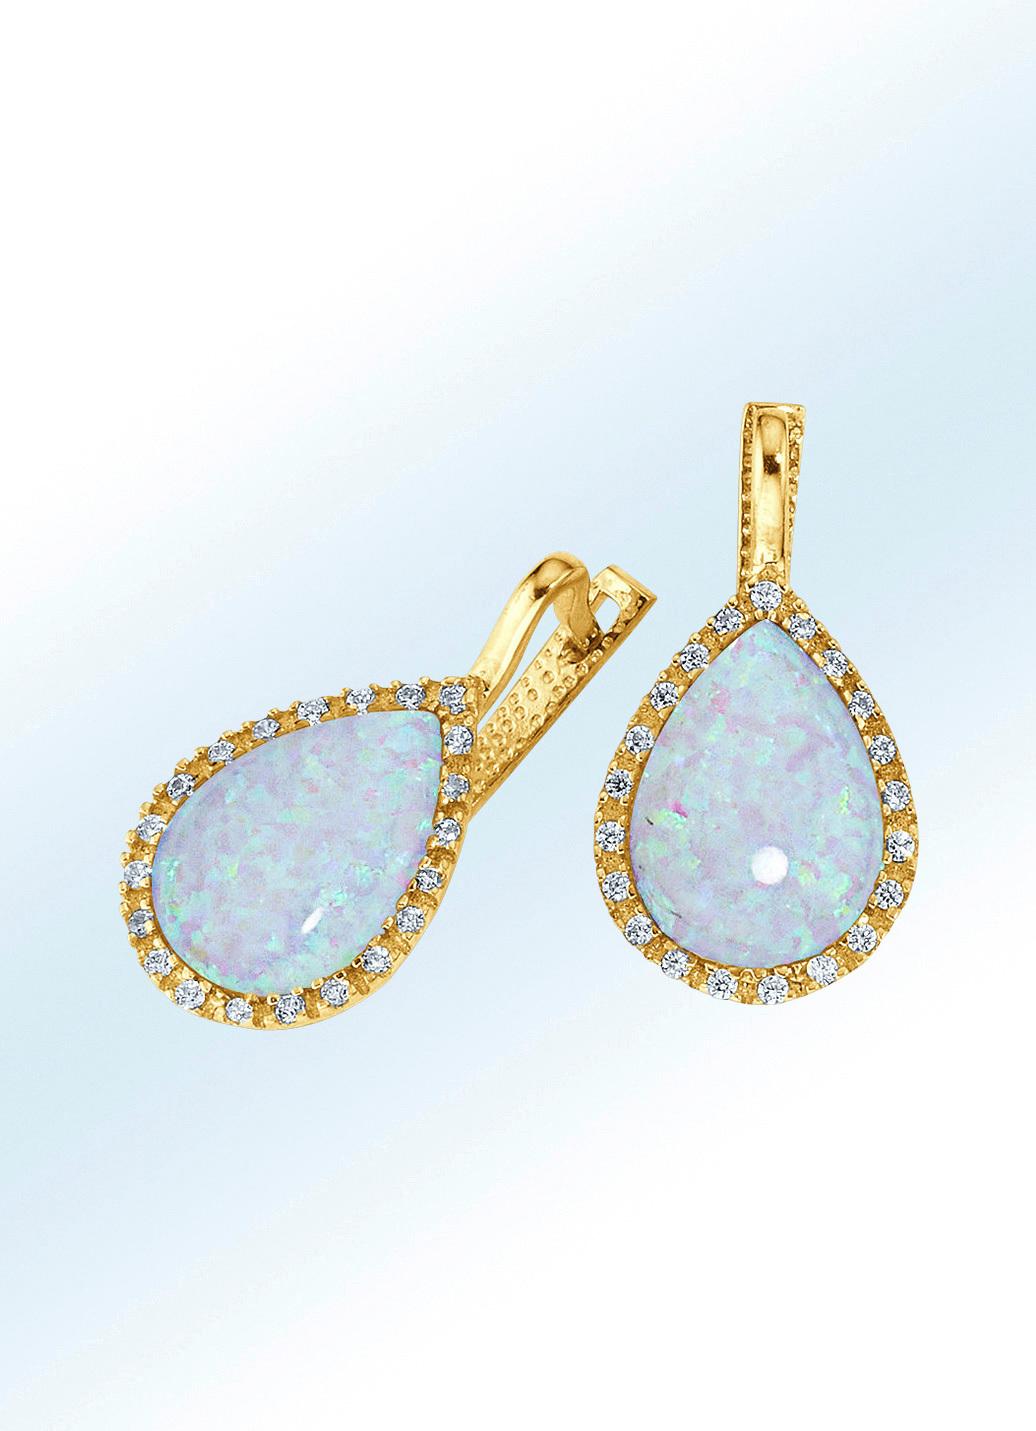 Ohrringe mit echtem Opal-Tropfen und synth. Zirkonia in Gold 585/- fein Damen Preisvergleich